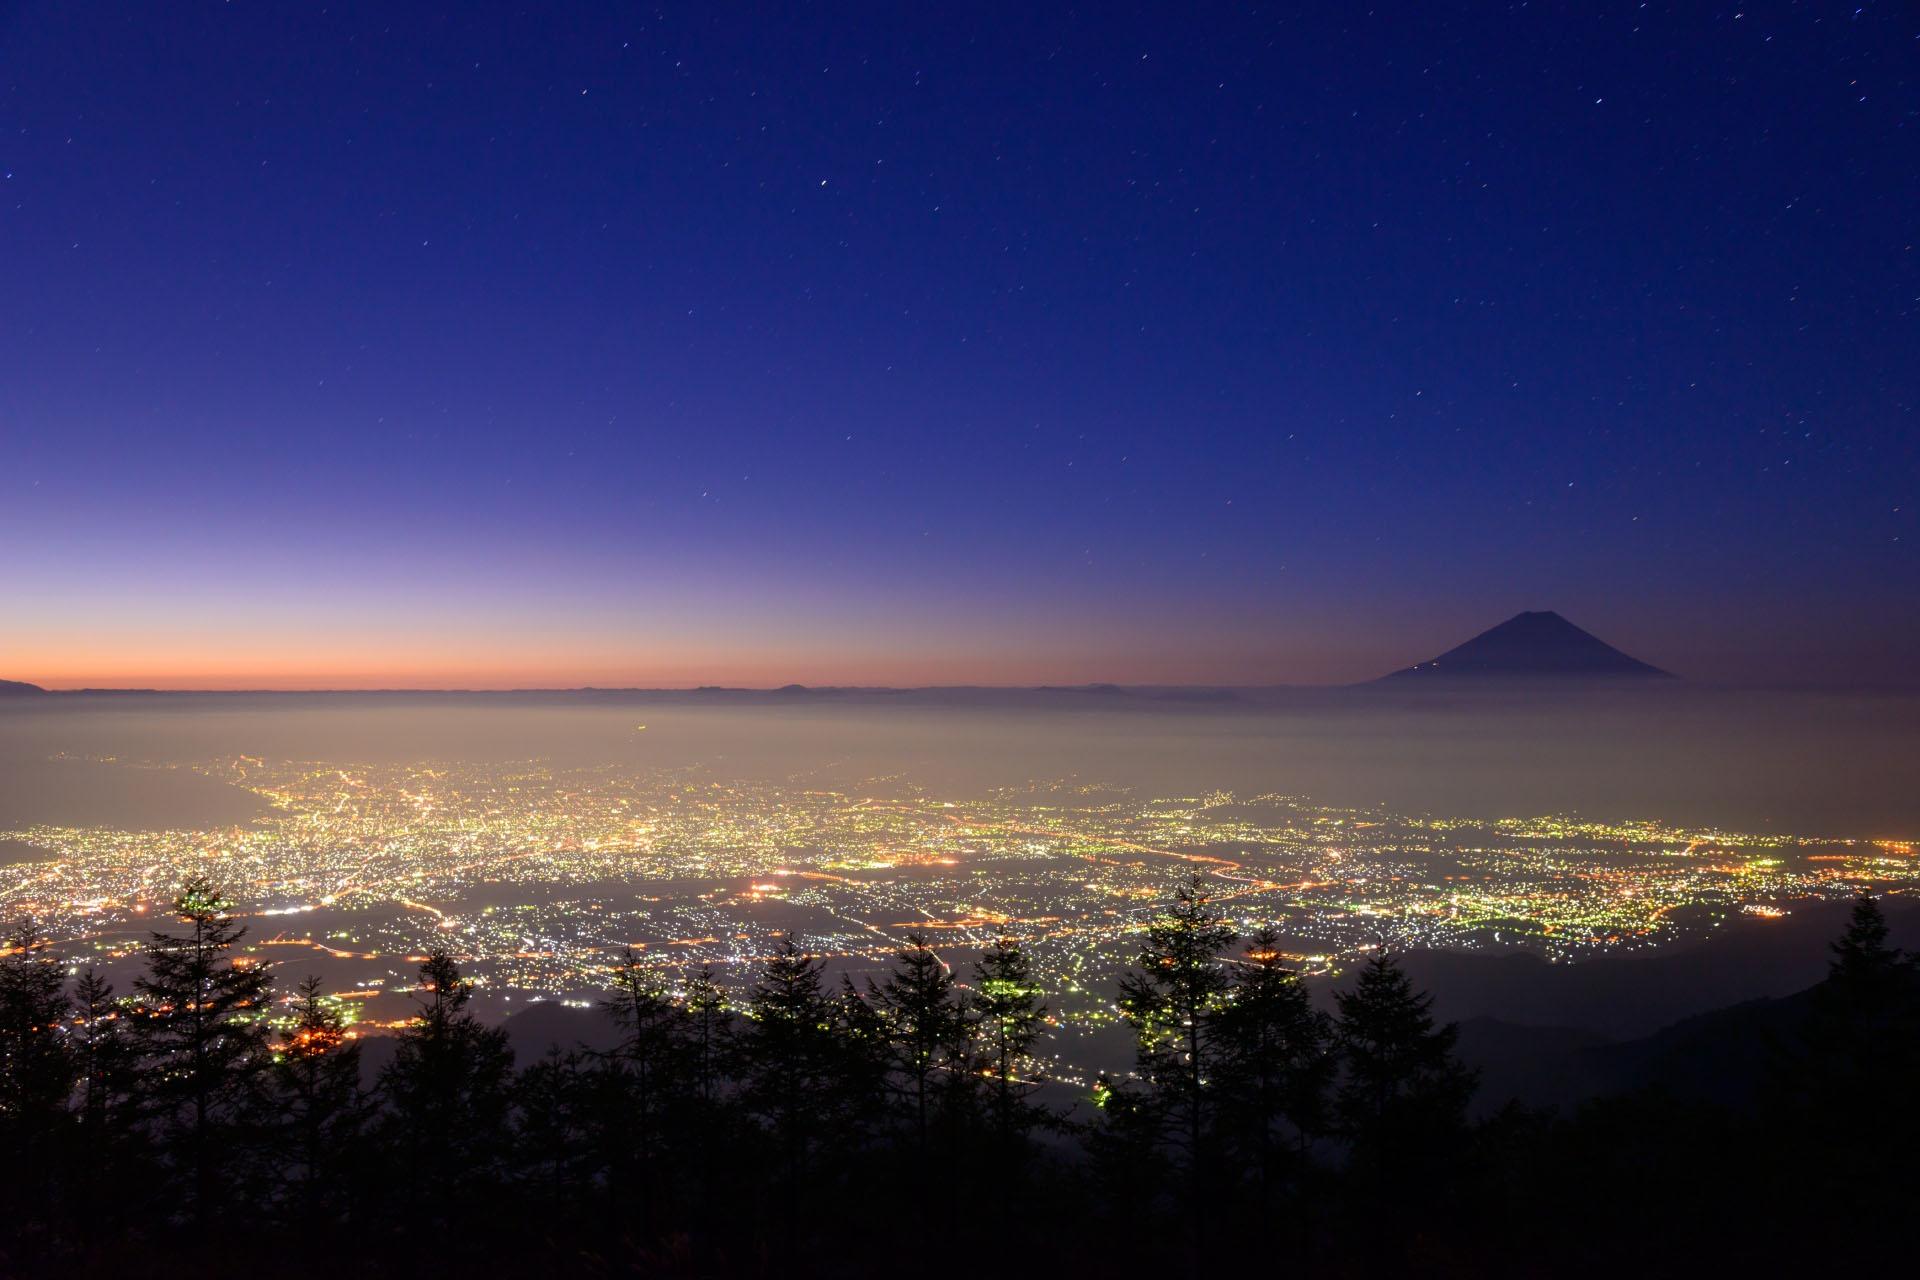 夜明けの甲府と富士山 山梨の風景